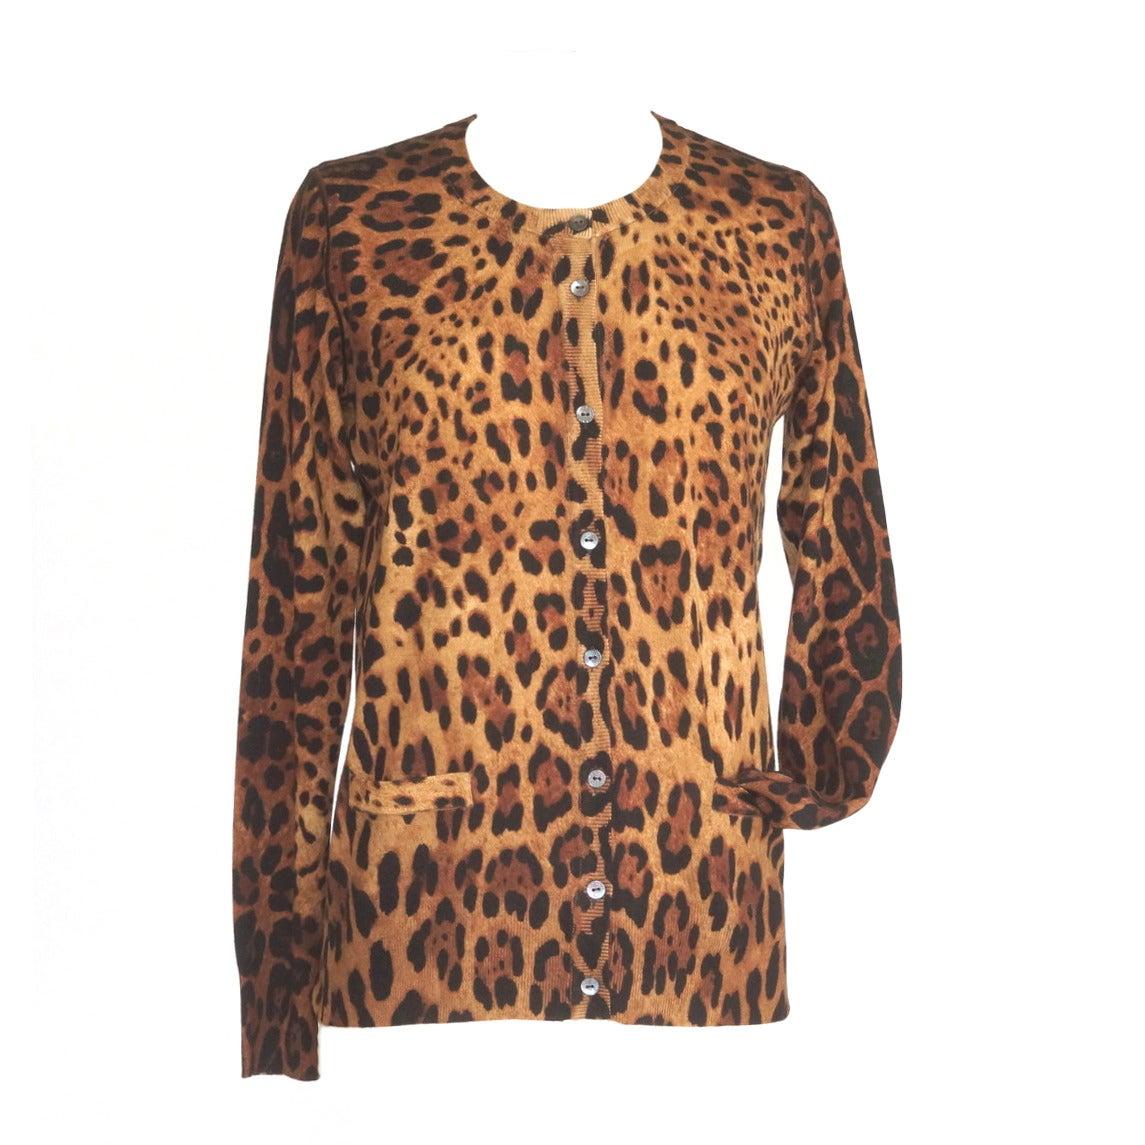 DOLCE&GABBANA sweater leopard print cardigan silk cashmere blend 42  8